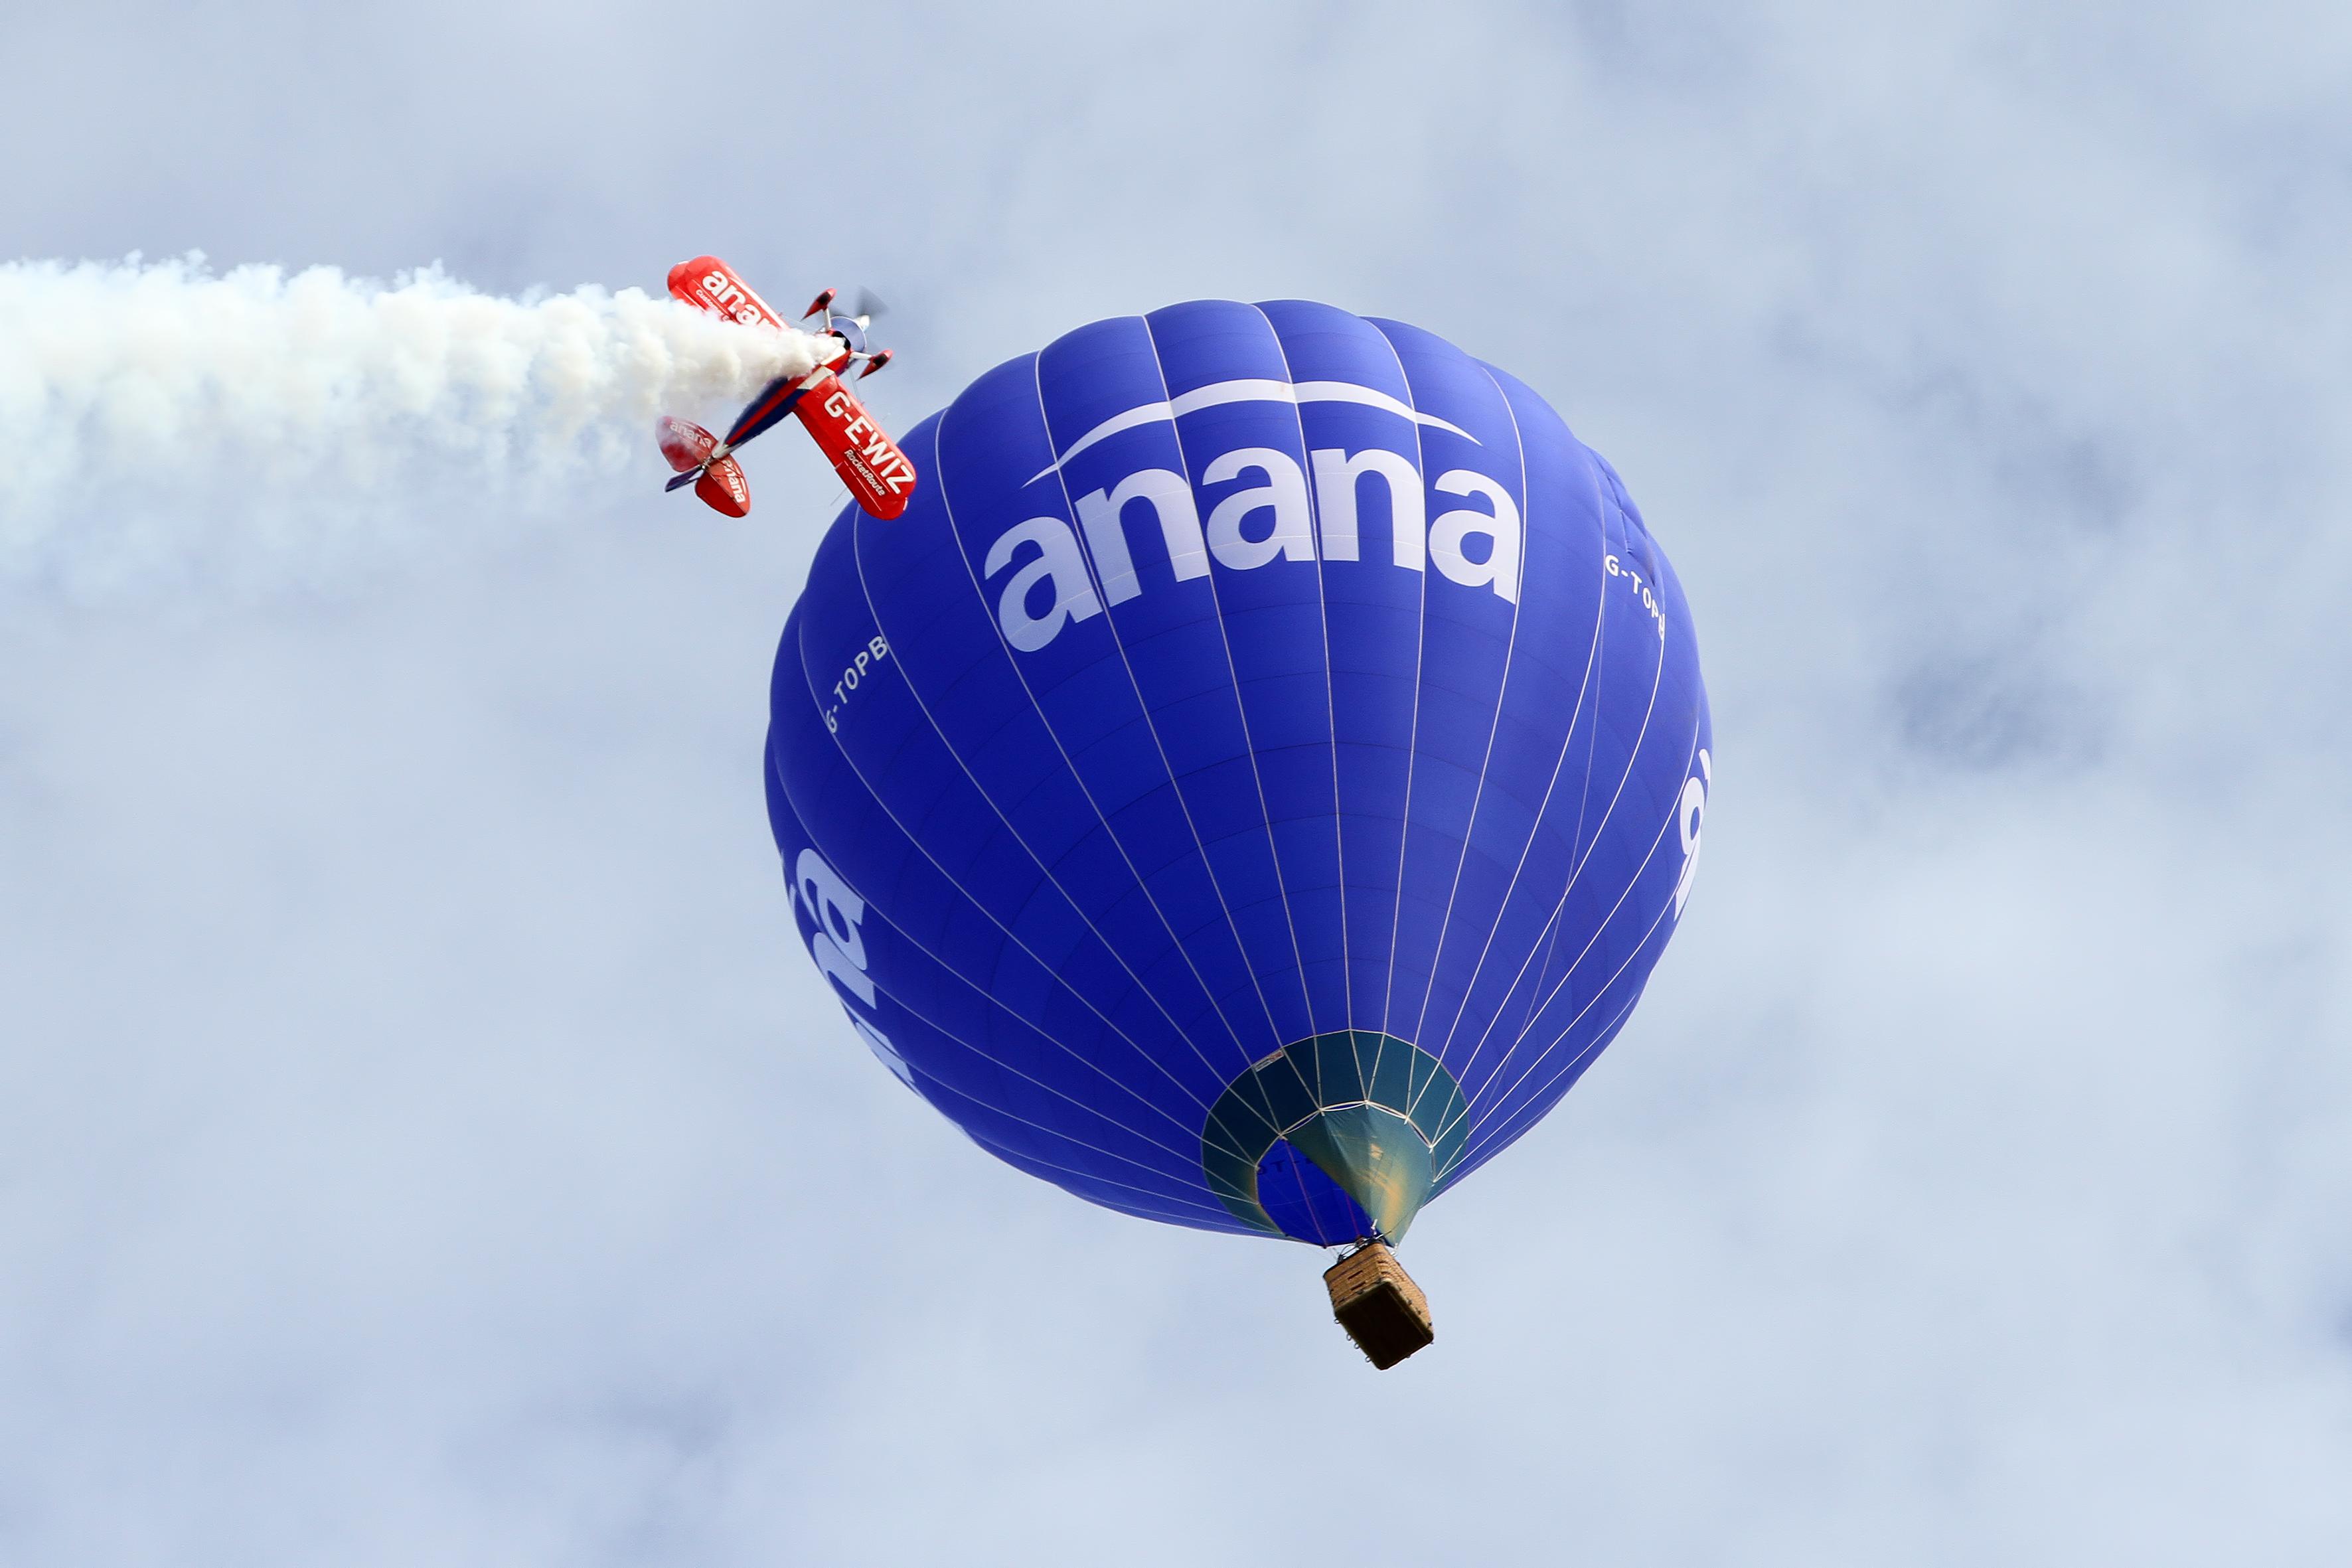 Anana & Rich Goodwin